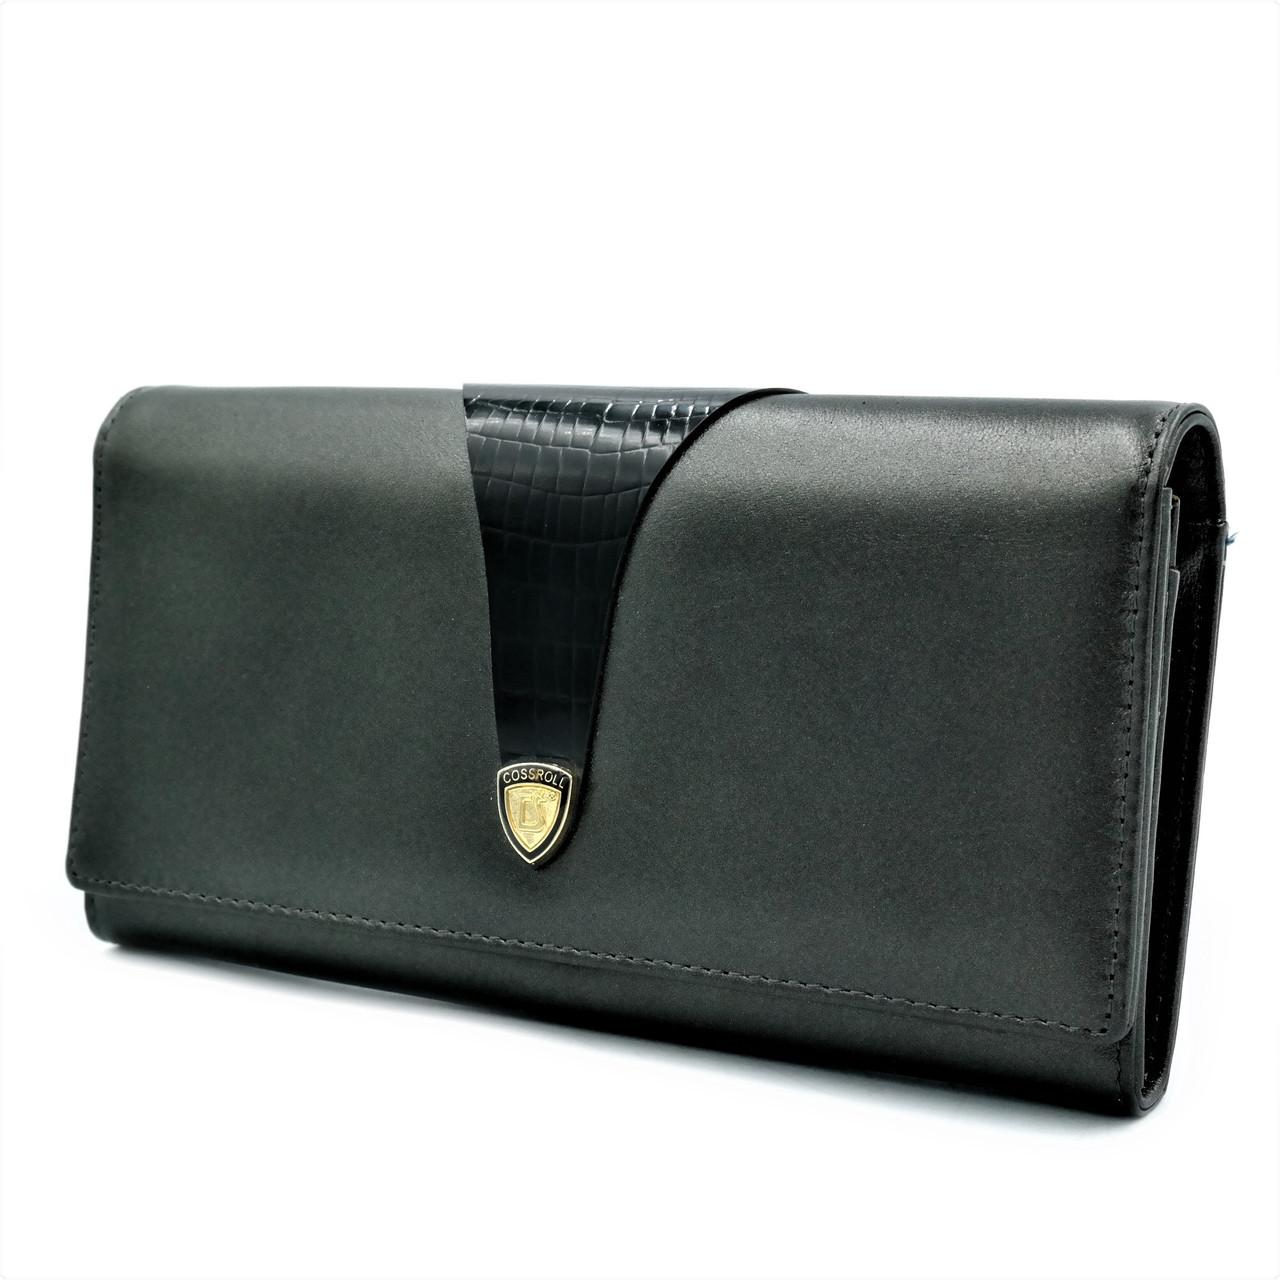 Женский кожаный кошелек Чёрный Качественный современный кошелек для девушки Кожаный кошелек для девушки